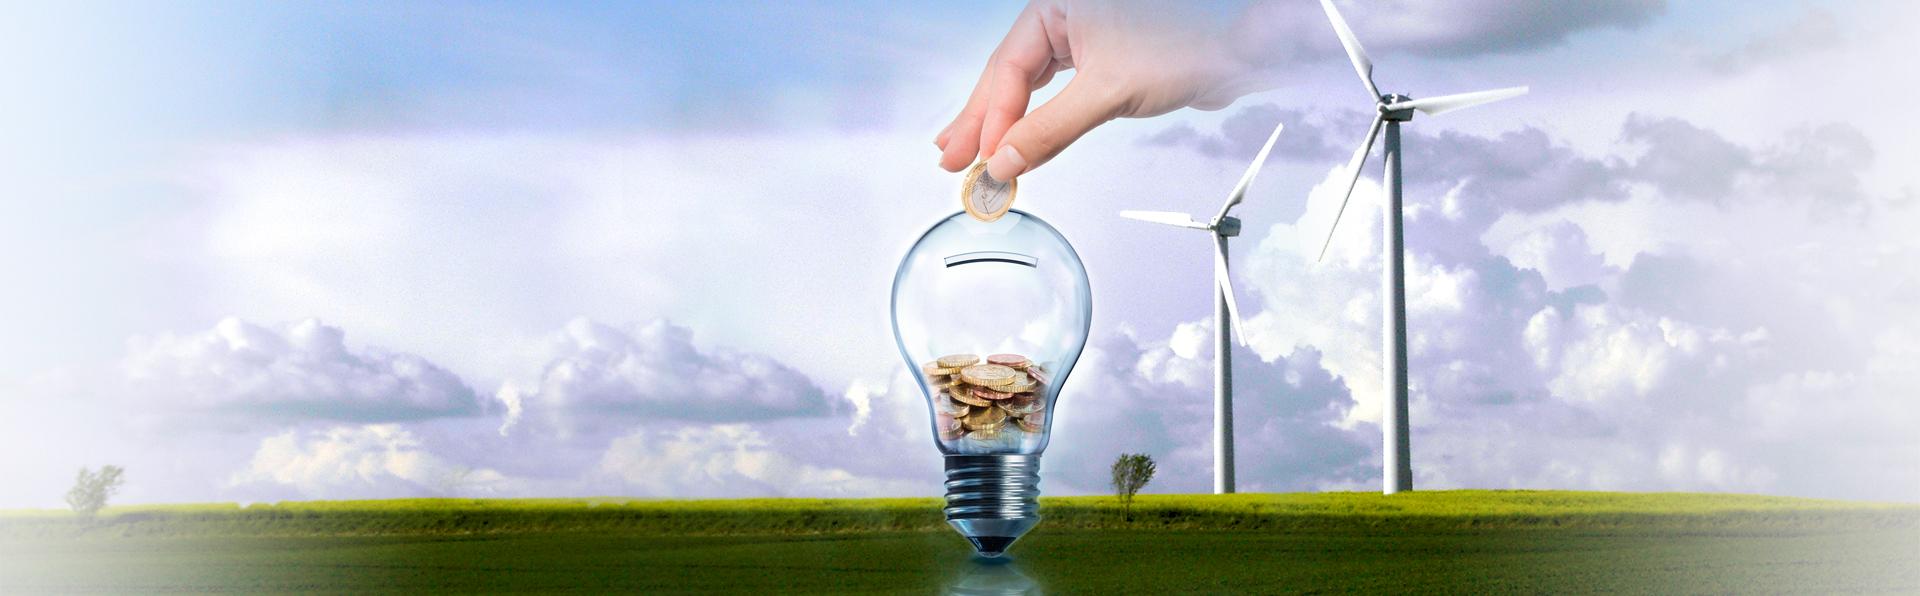 פתרונות לחיסכון באנרגיה